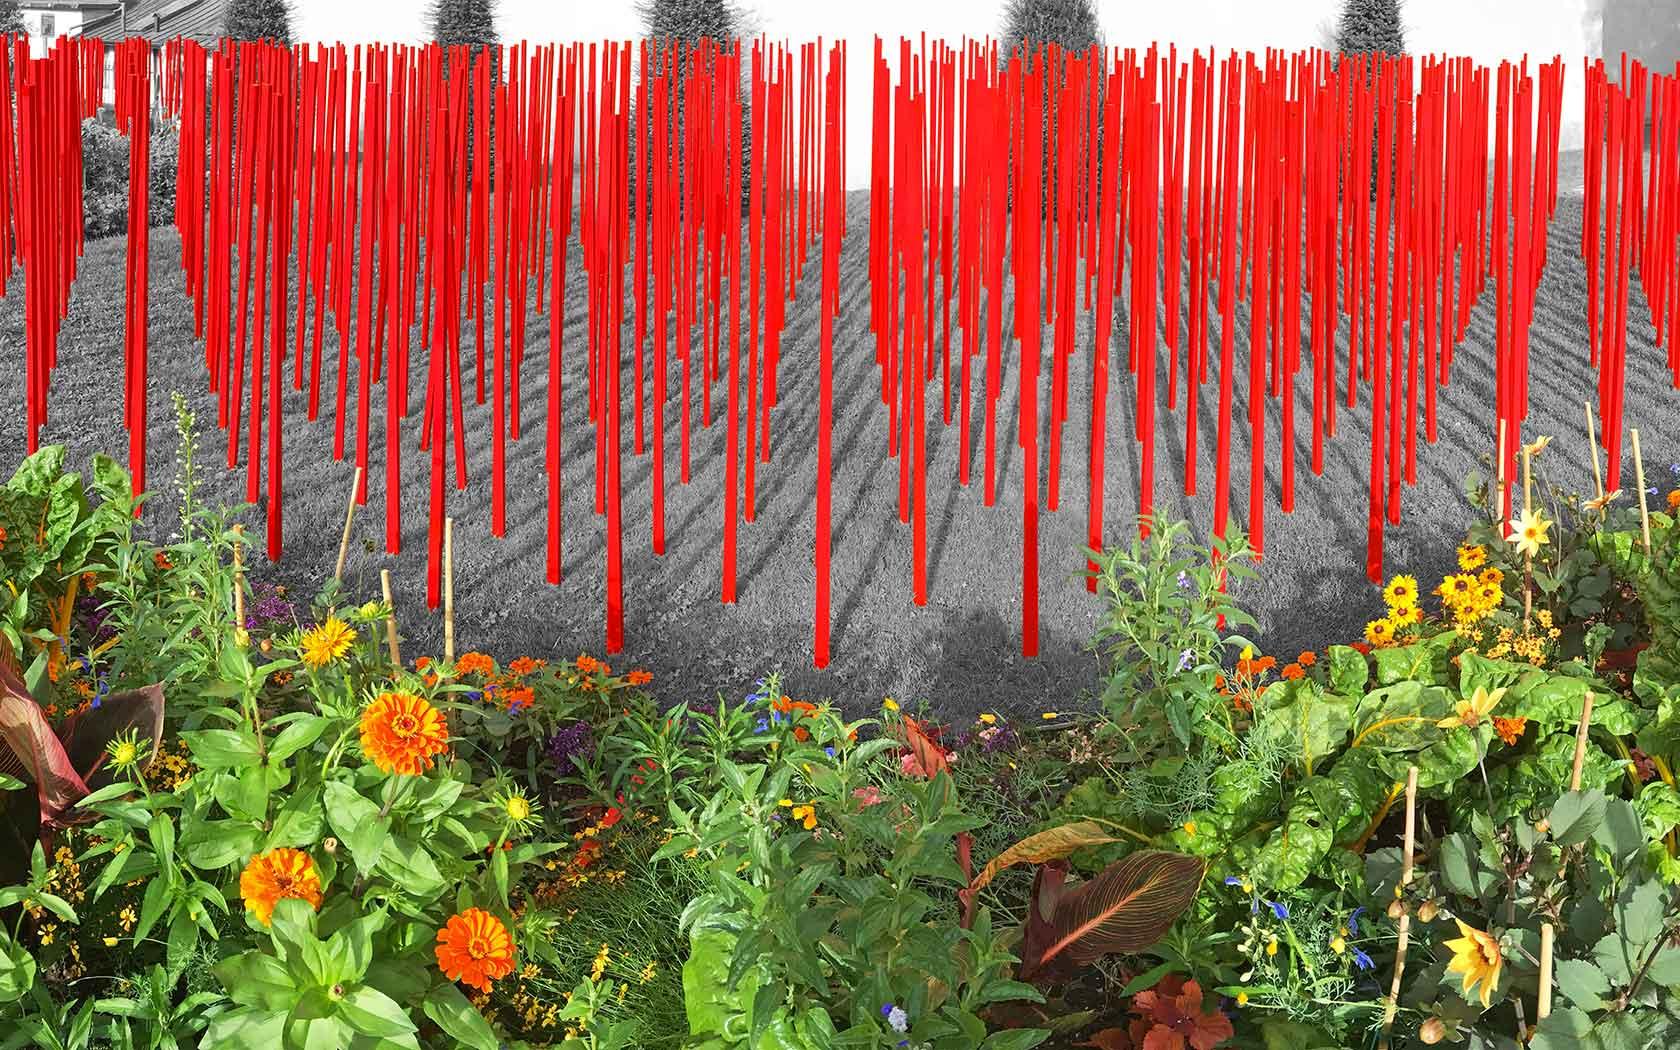 Flood Flowers – Jardin de l'Eveche, Annecy